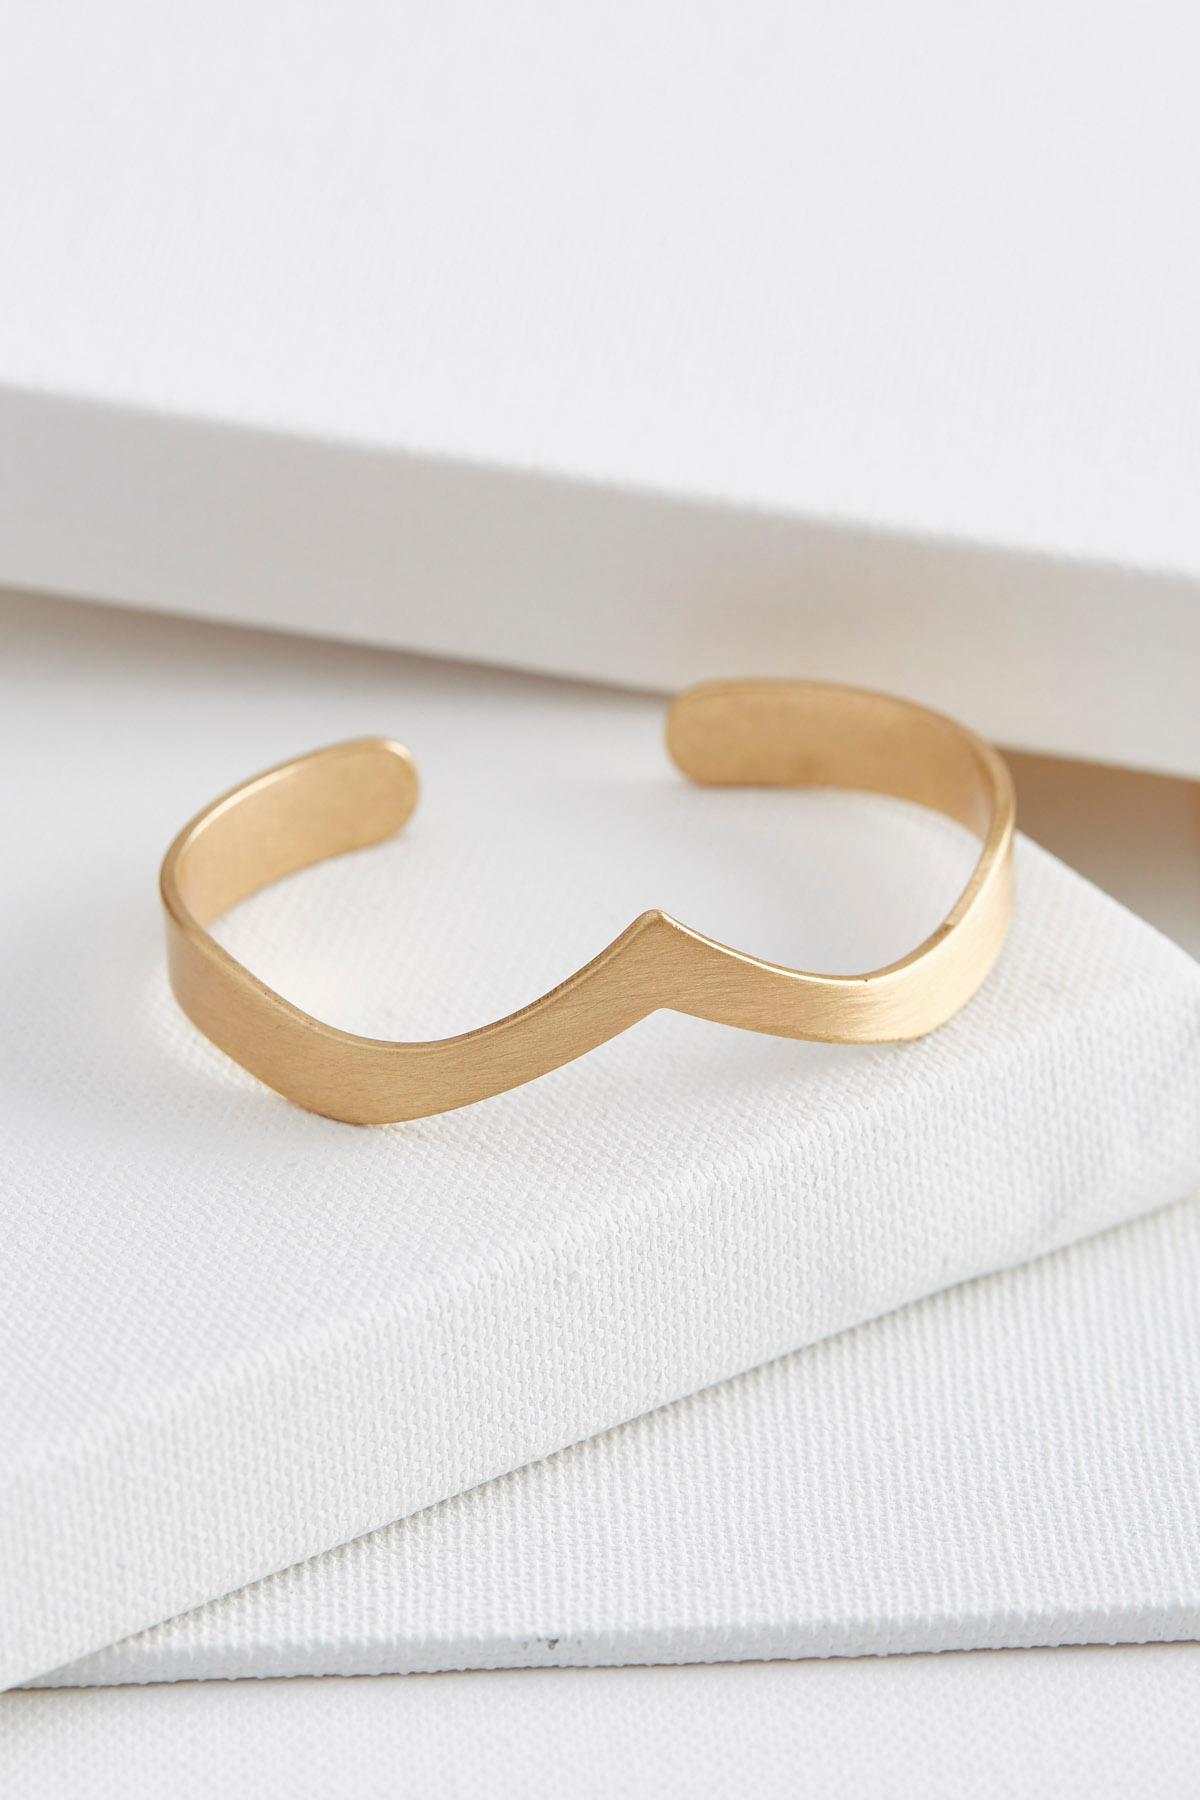 V Cuff Bracelet